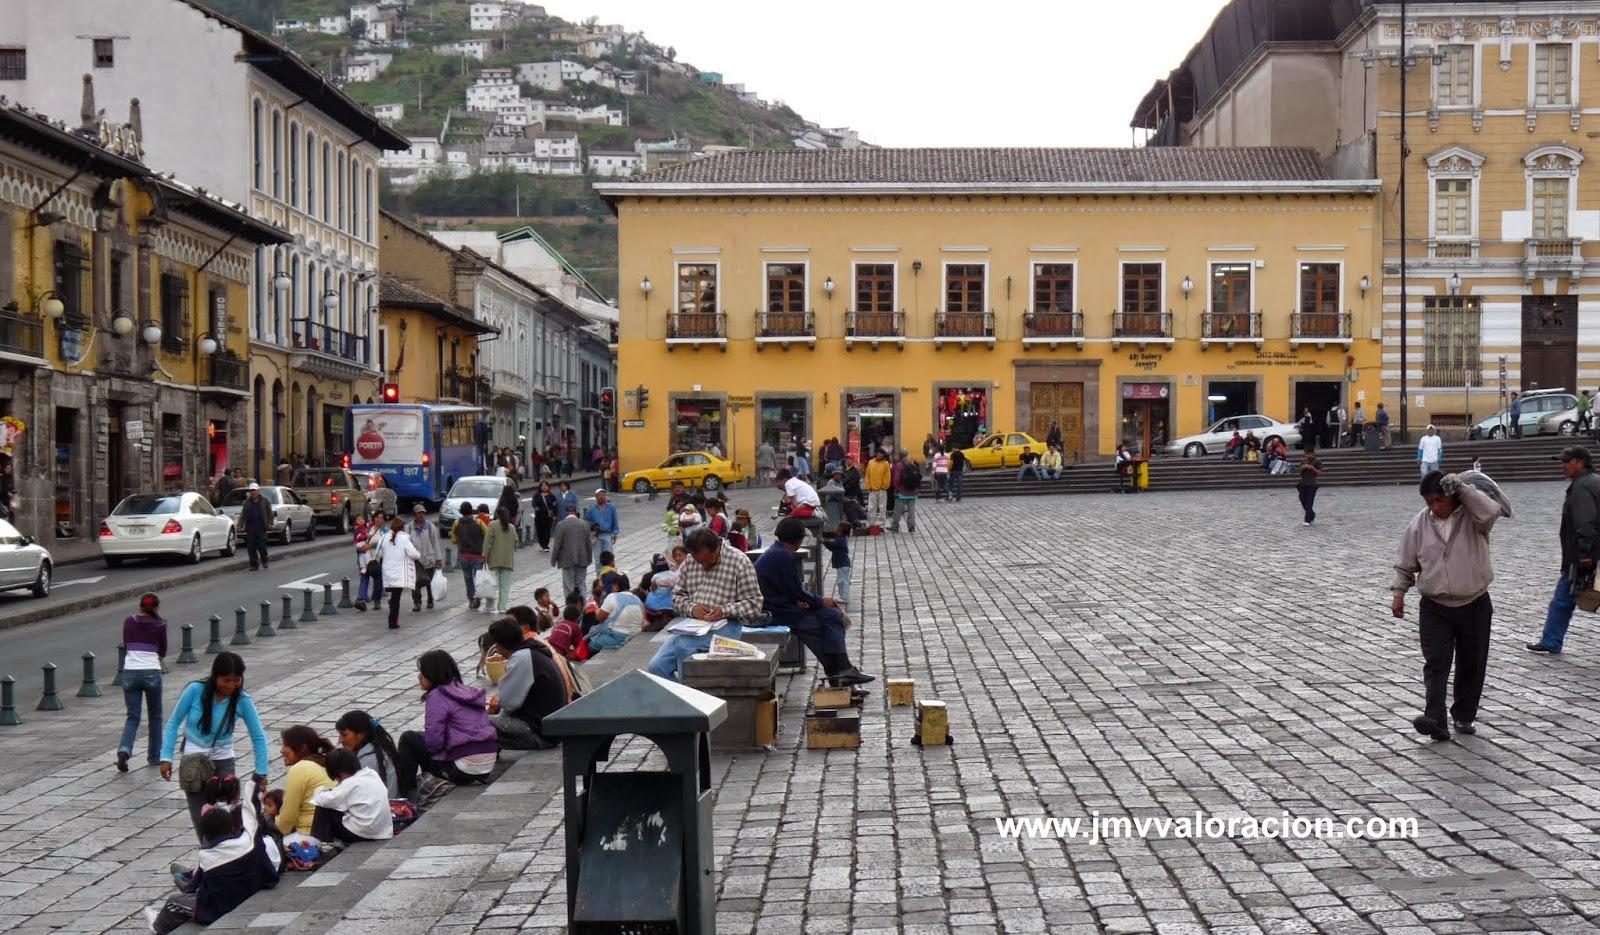 Viajes y urbanismo 1 quito jmv valoraciones inmobiliarias for Ciudad jardin quito 2015